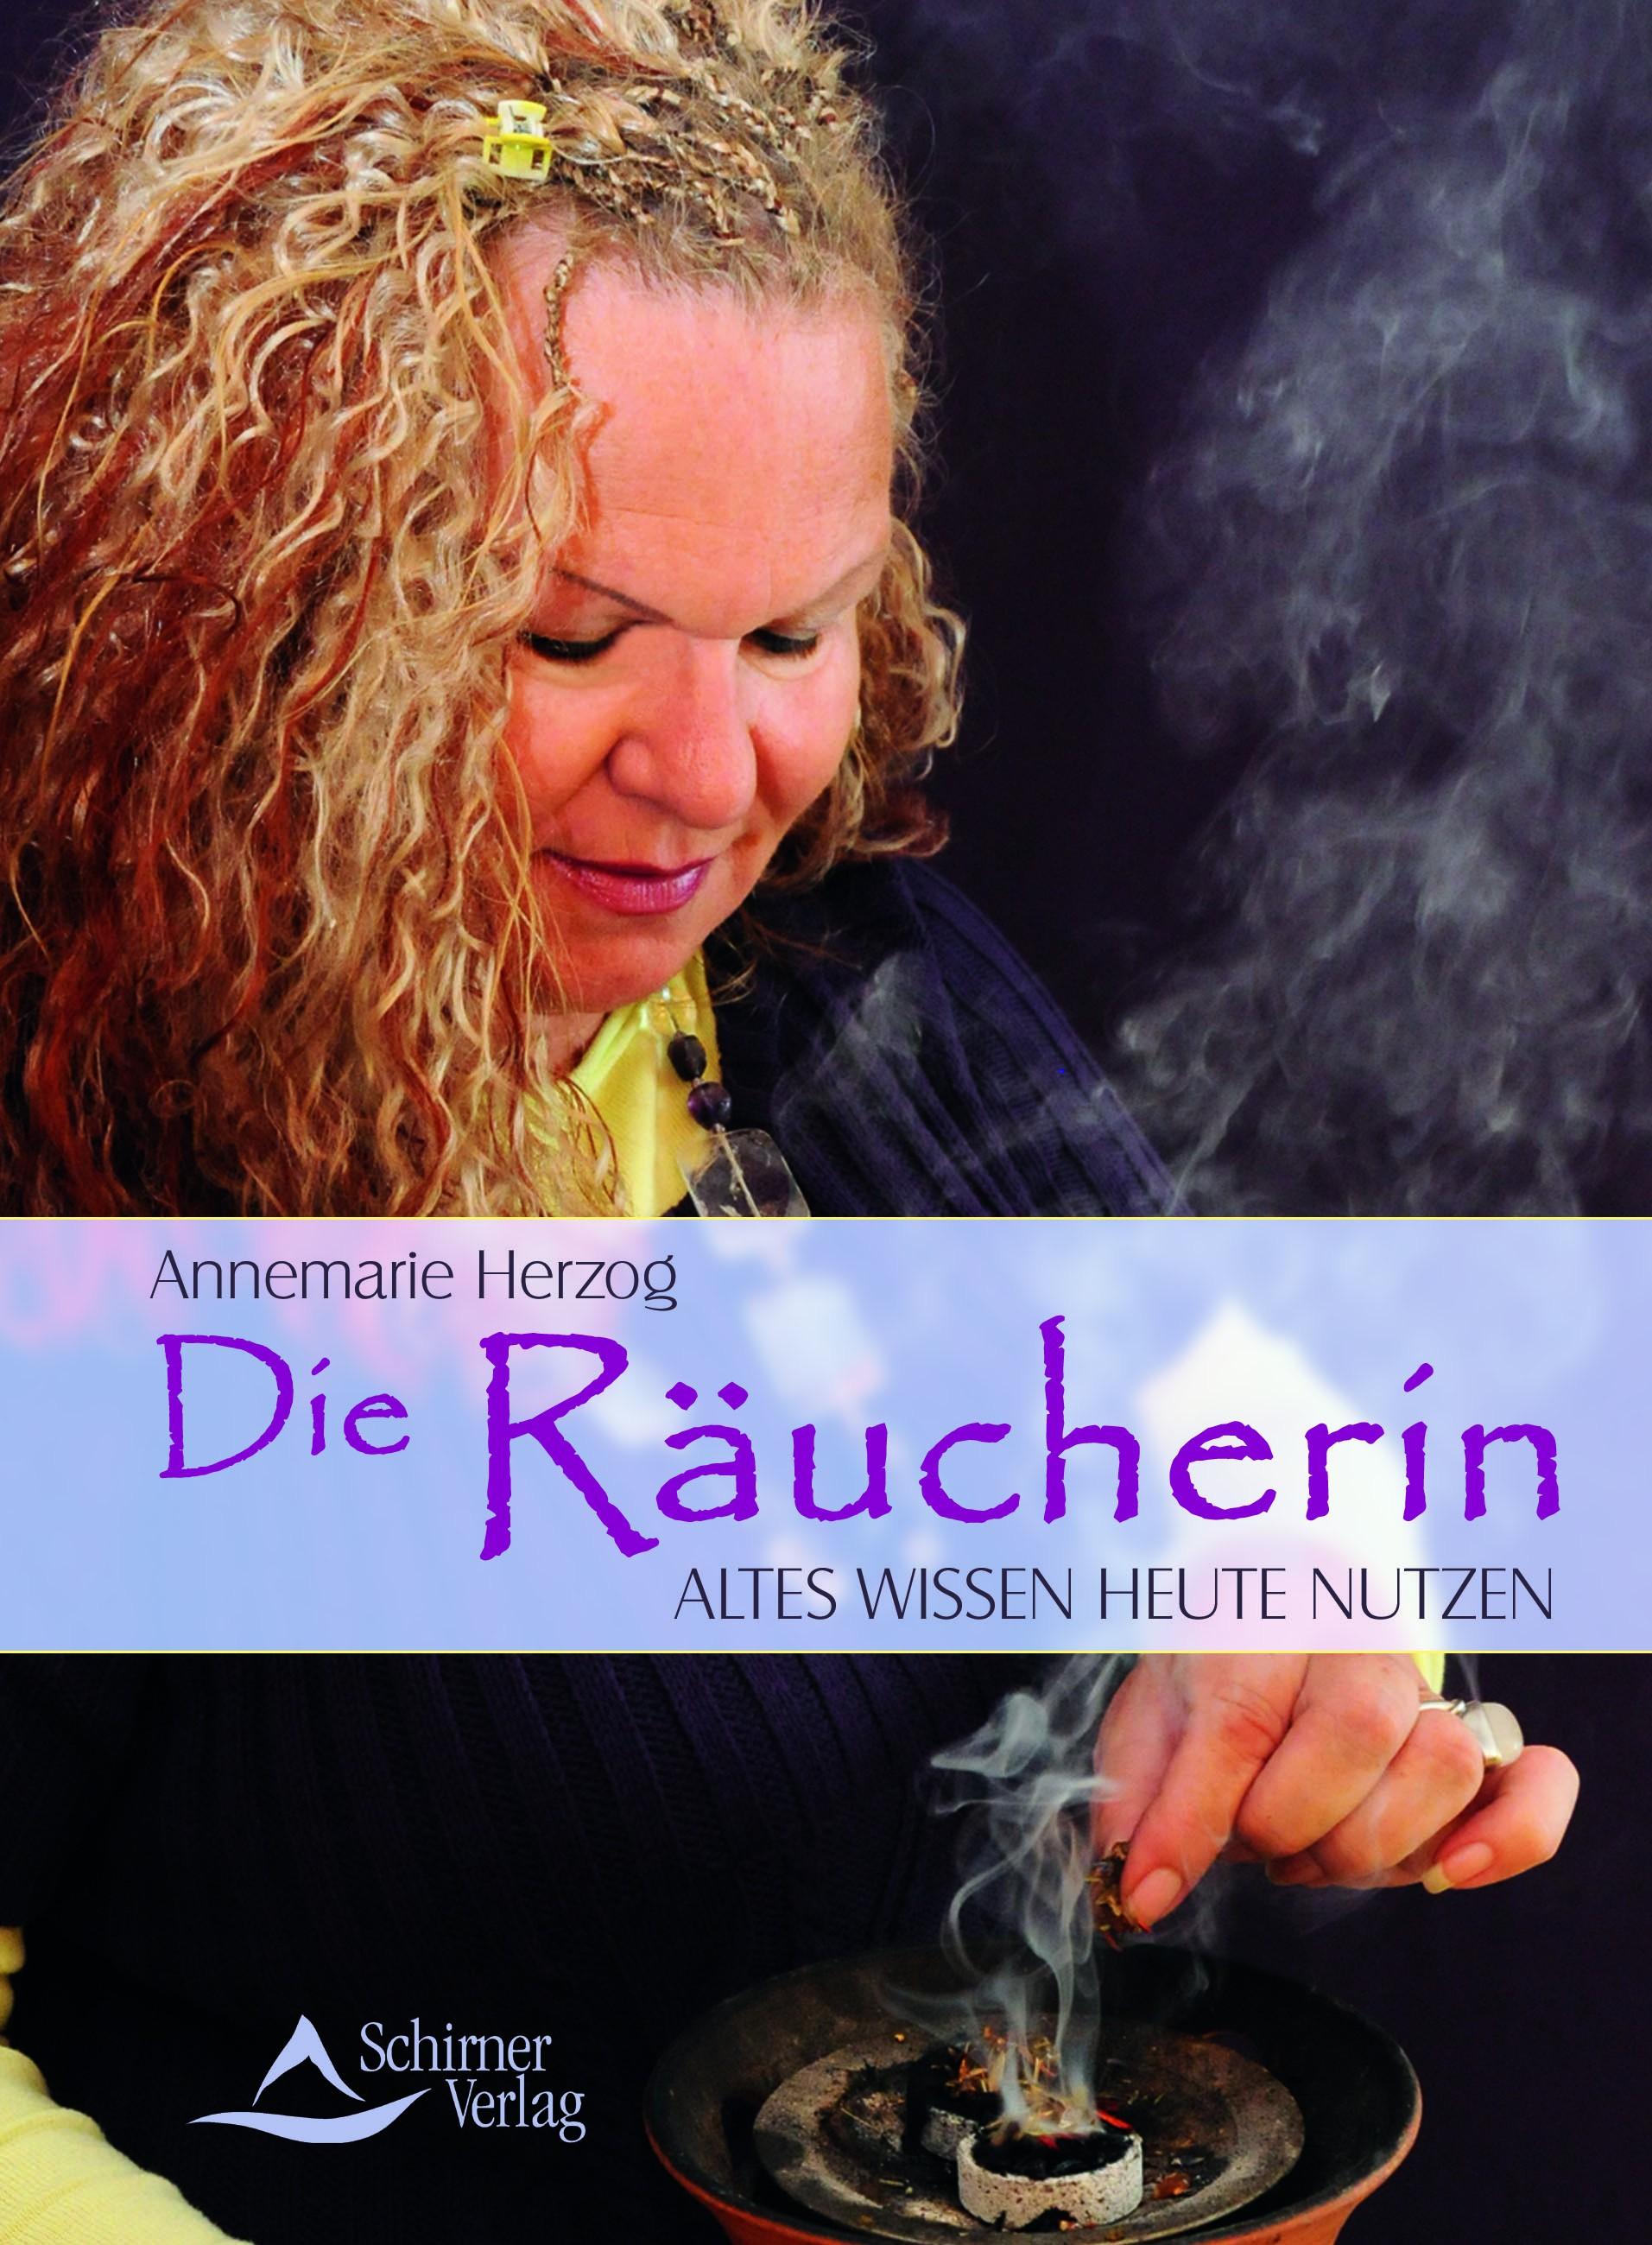 Die Räucherin Buch Annemarie Herzog